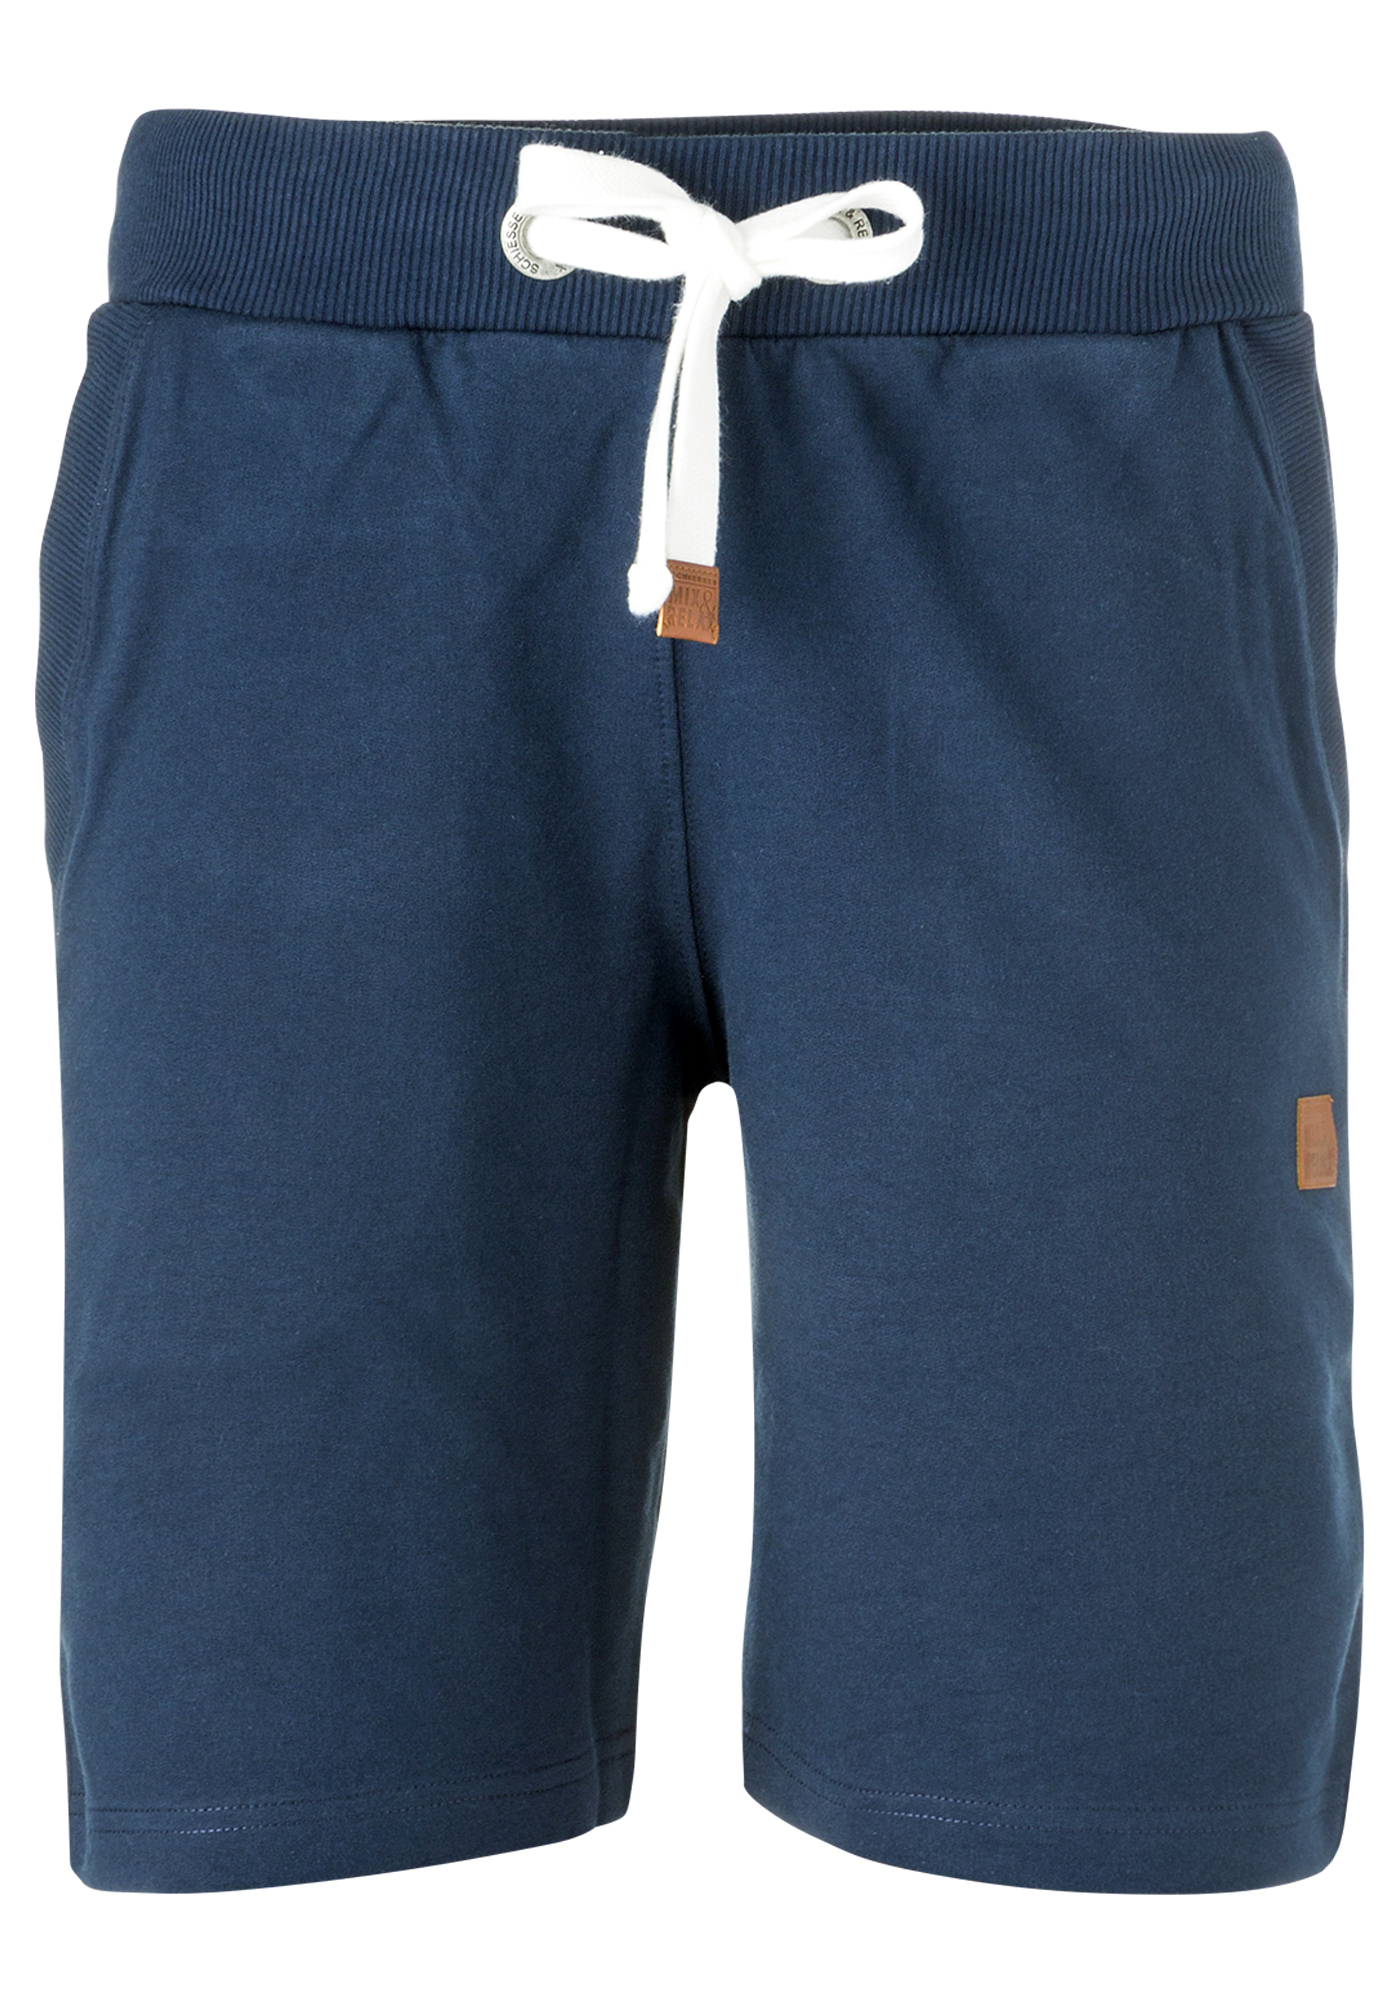 Schiesser heren lounge korte broek, blauw - Gratis verzending